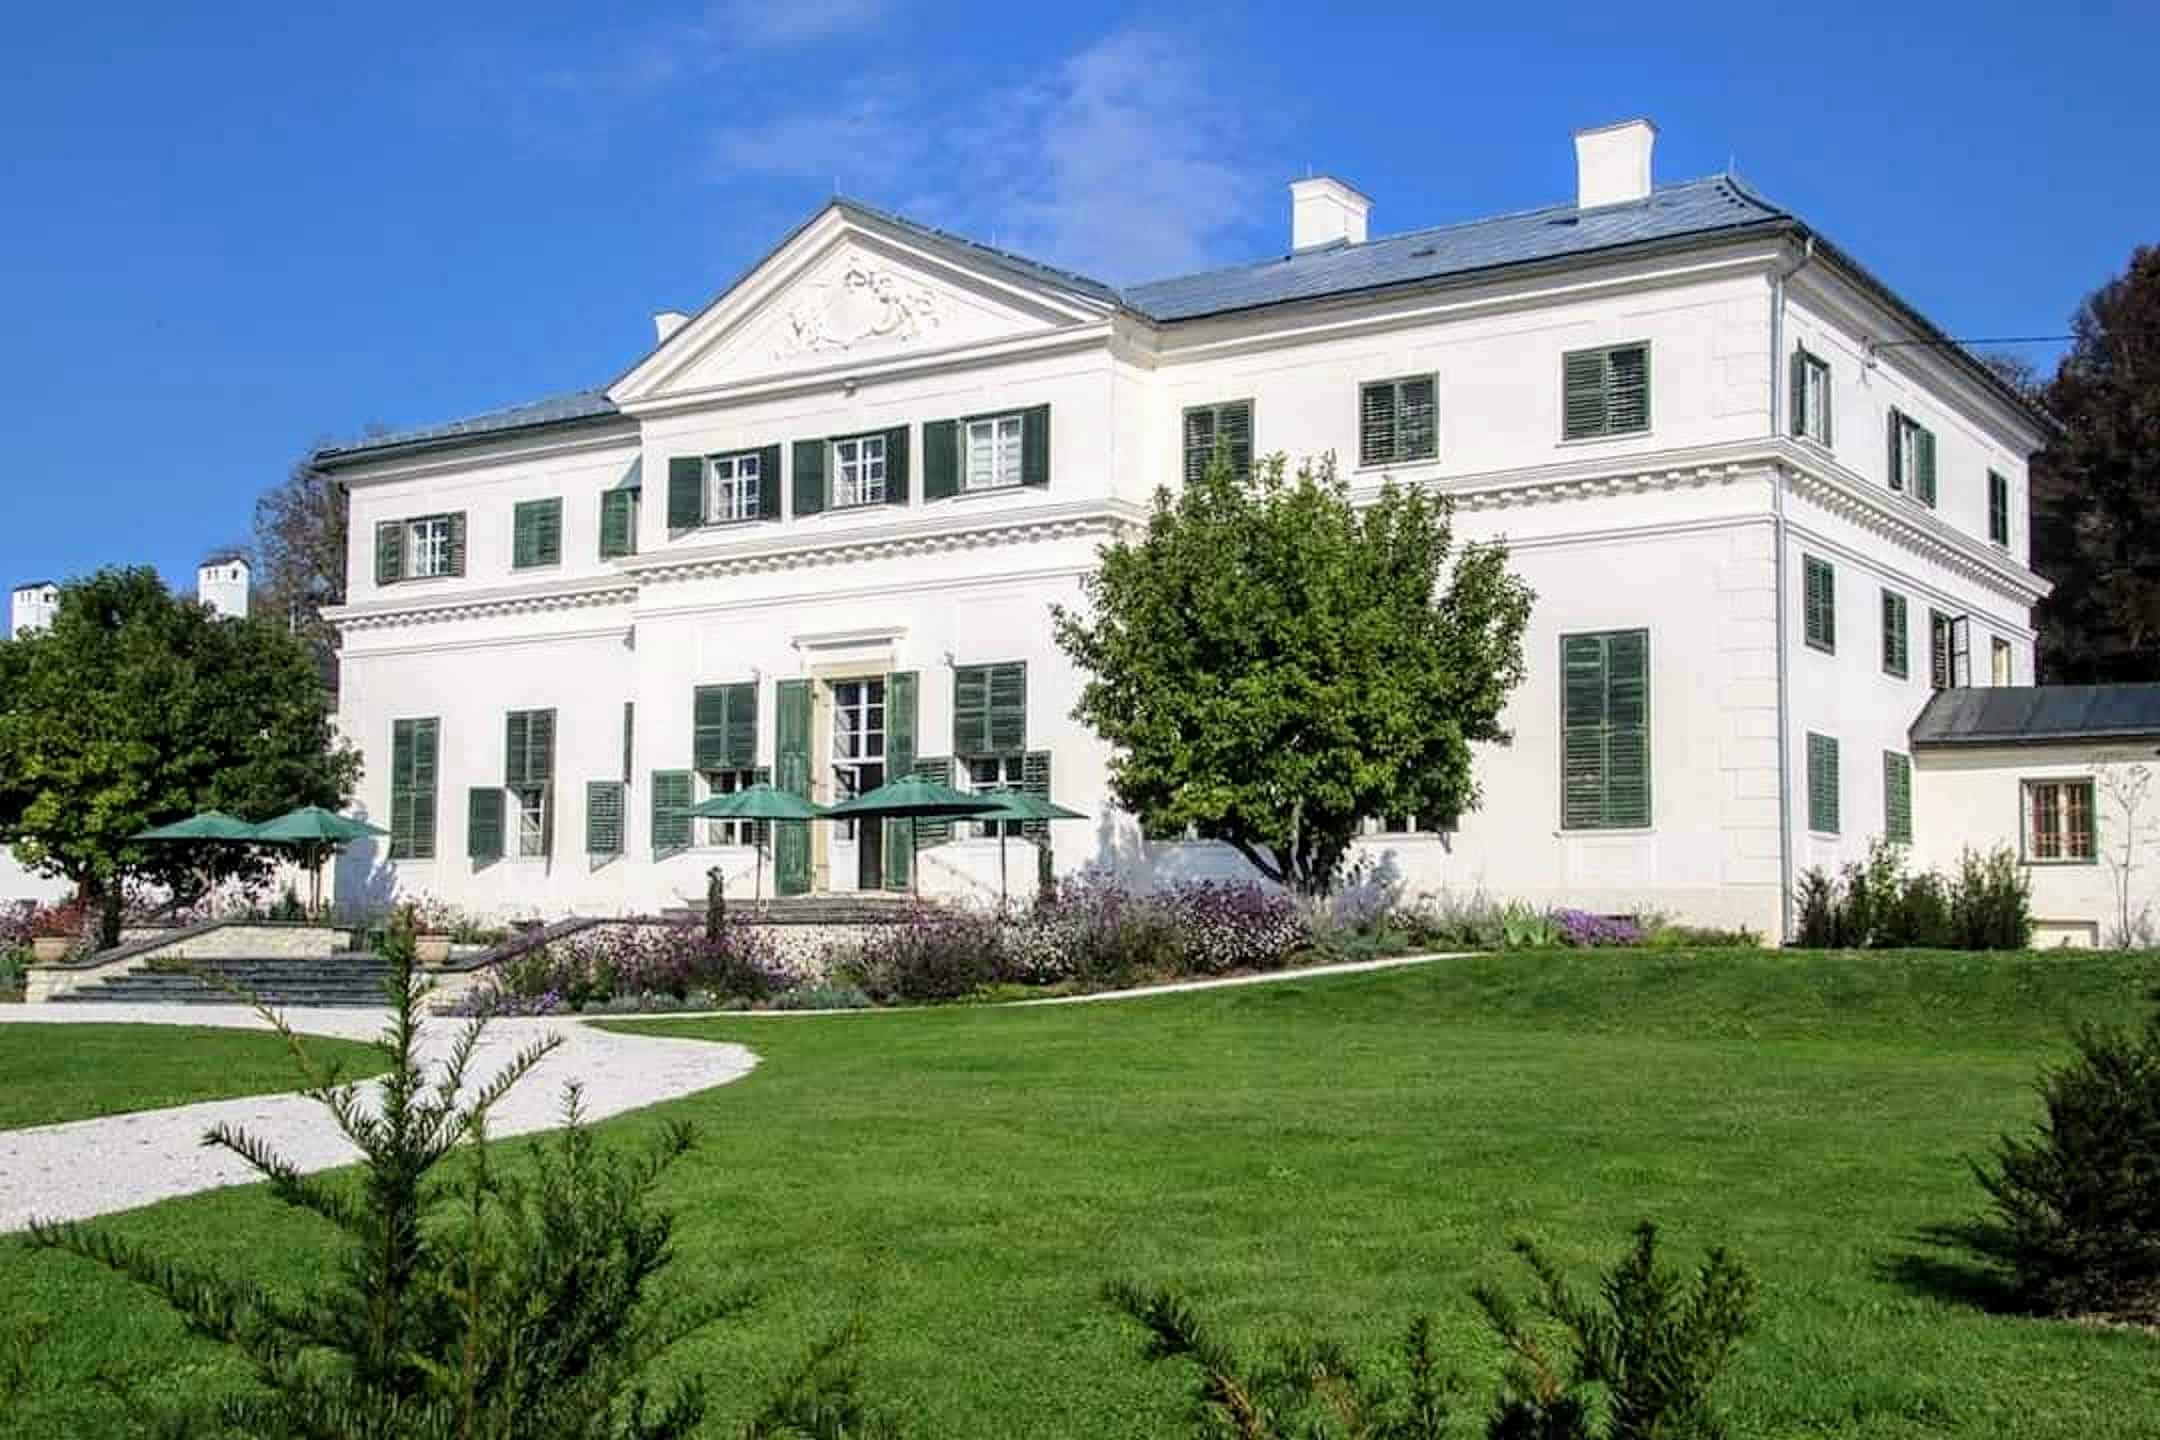 Schloss Rosegg - Ausflugsziel, Veranstaltungen, Events, Schlosscafè und Hochzeitslocation in Kärnten, Familie Liechtenstein